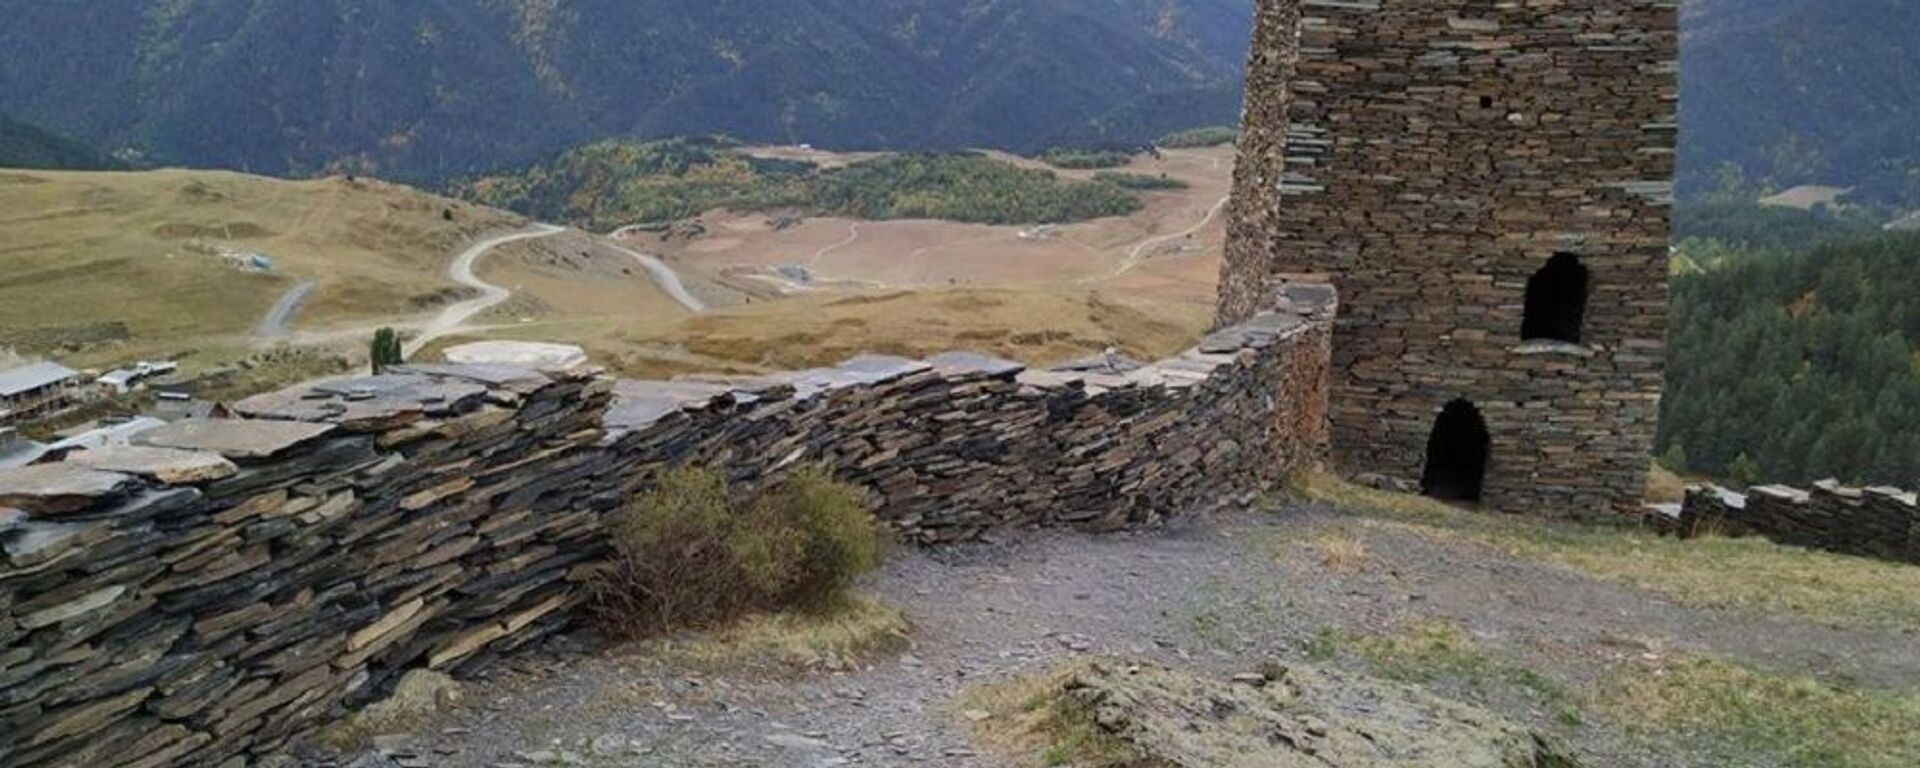 Крепость Кесело в деревне Омало в высокогорном районе Кахети - Тушети - Sputnik Грузия, 1920, 13.07.2021